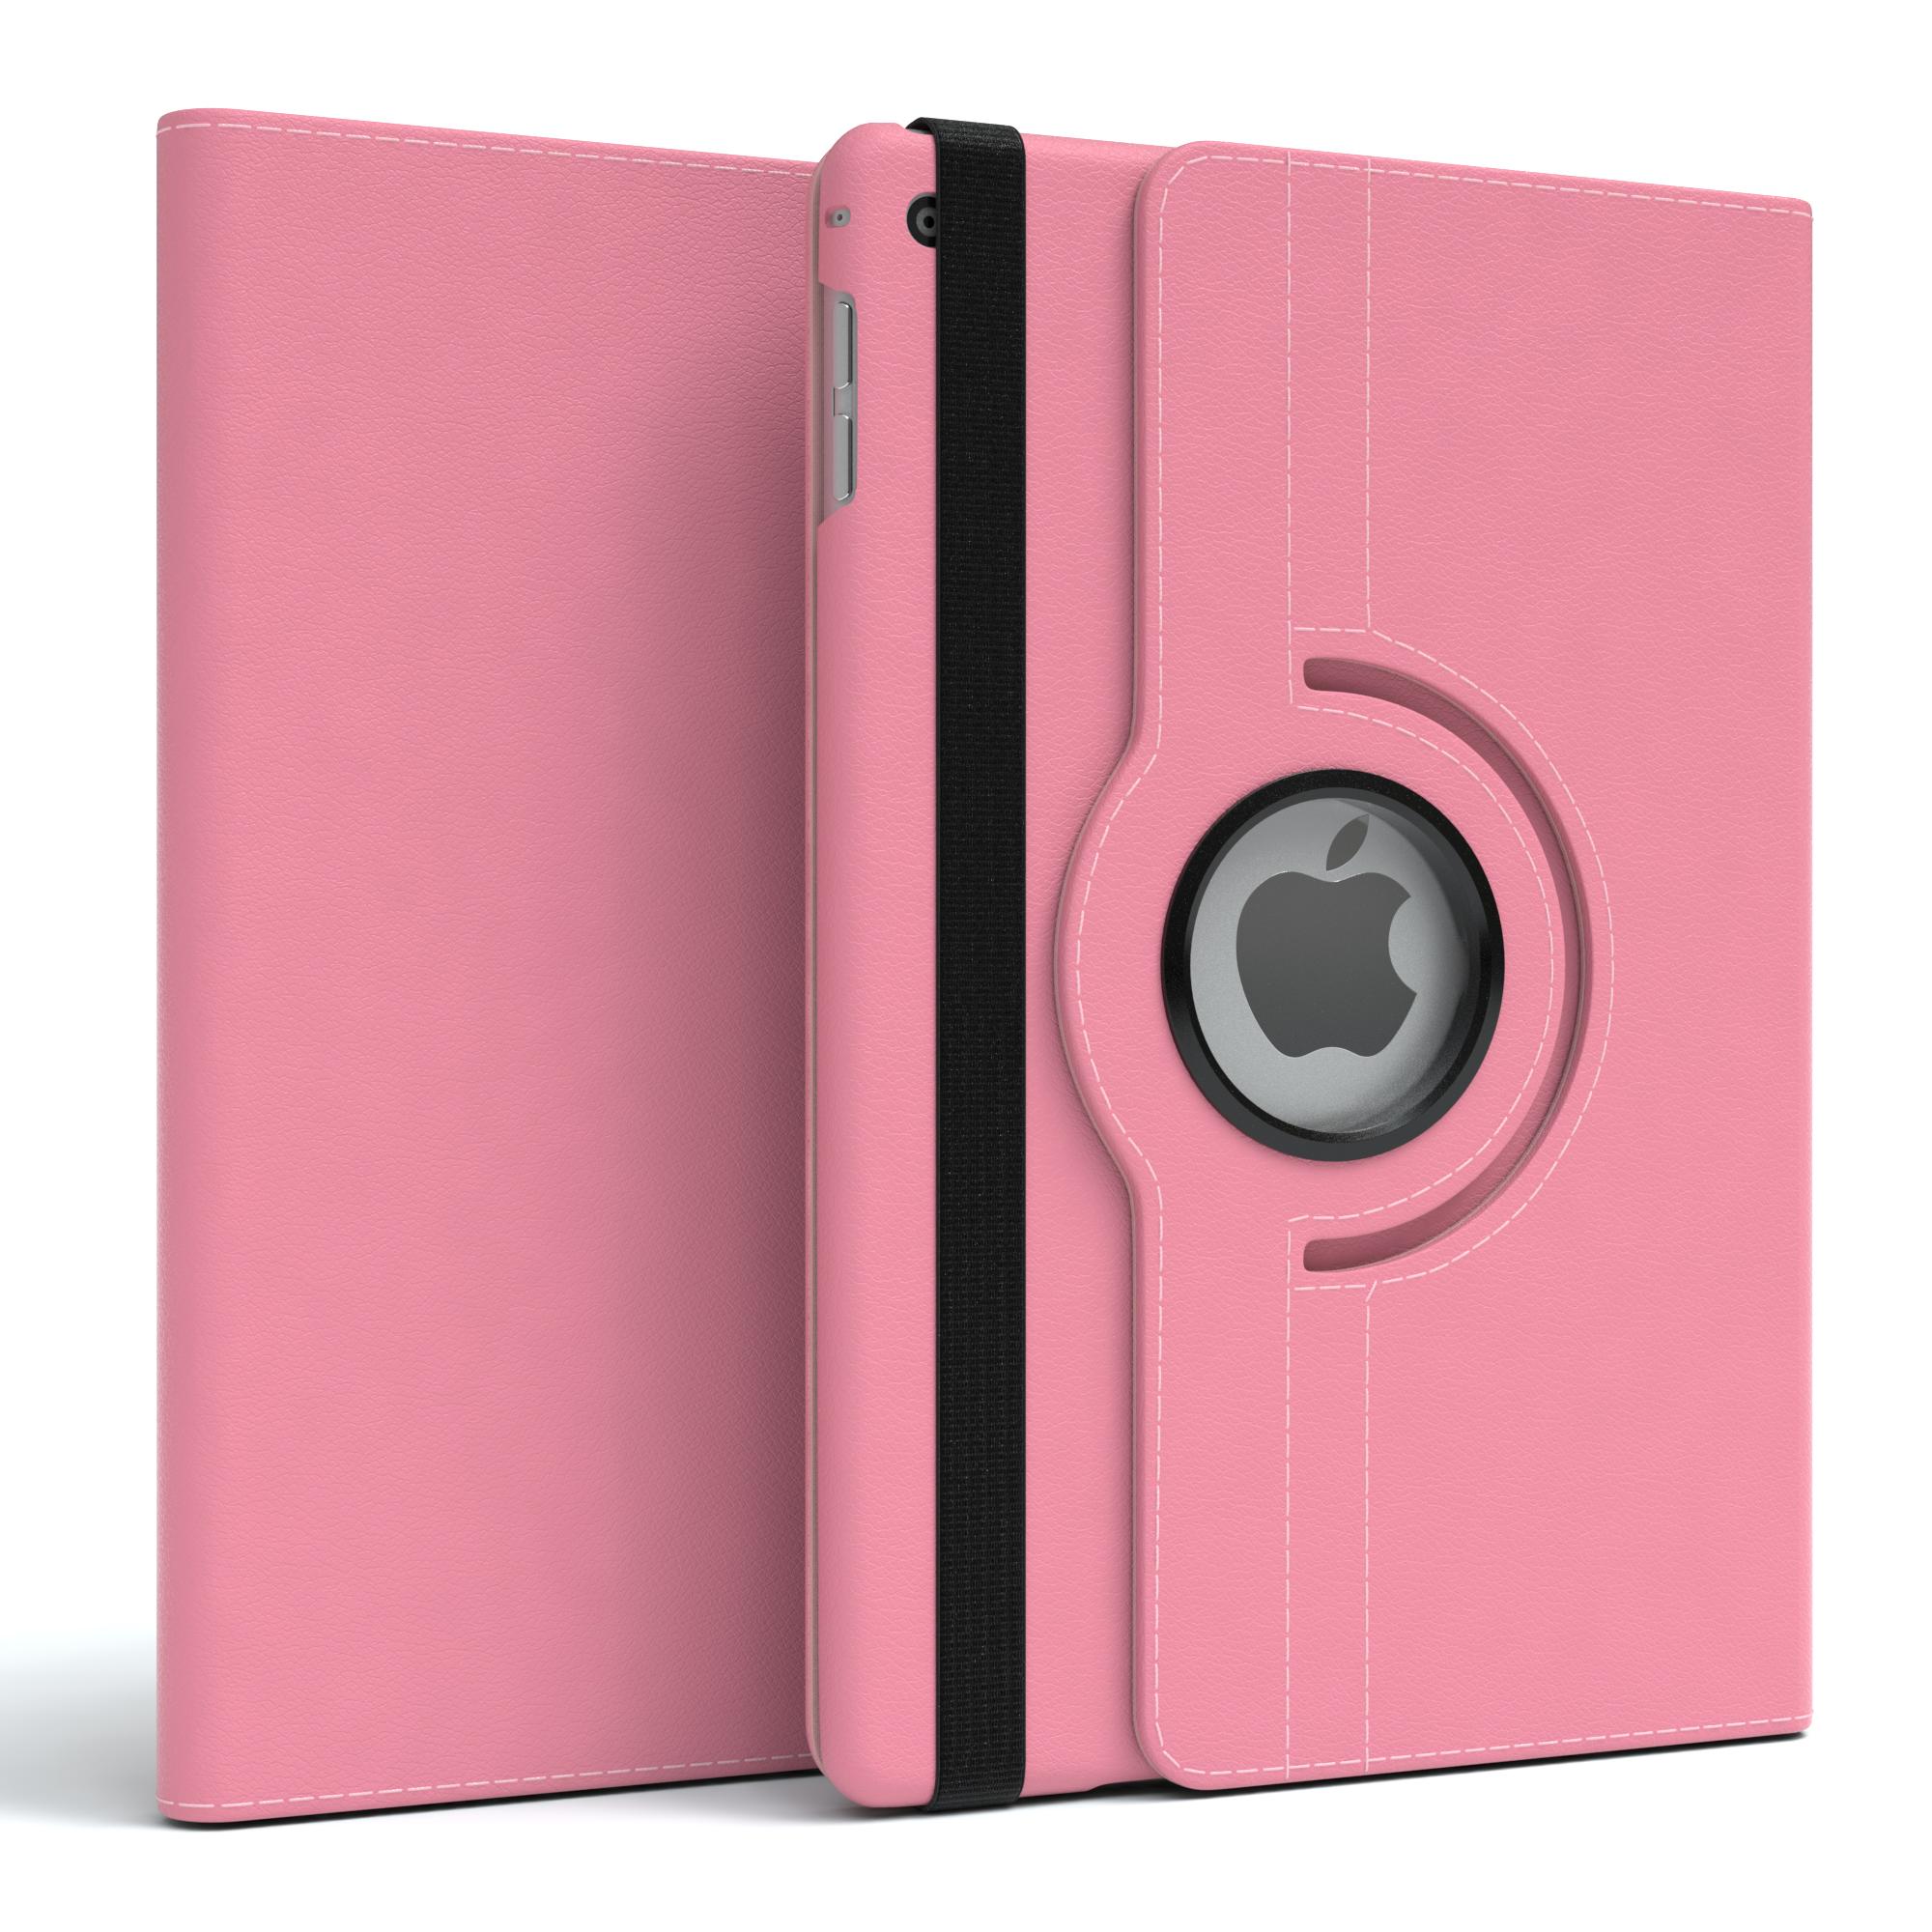 Tasche-fuer-Apple-iPad-Smart-Case-Schutz-Huelle-Etui-Tasche-Bumper-Flip-Cover-360 Indexbild 12